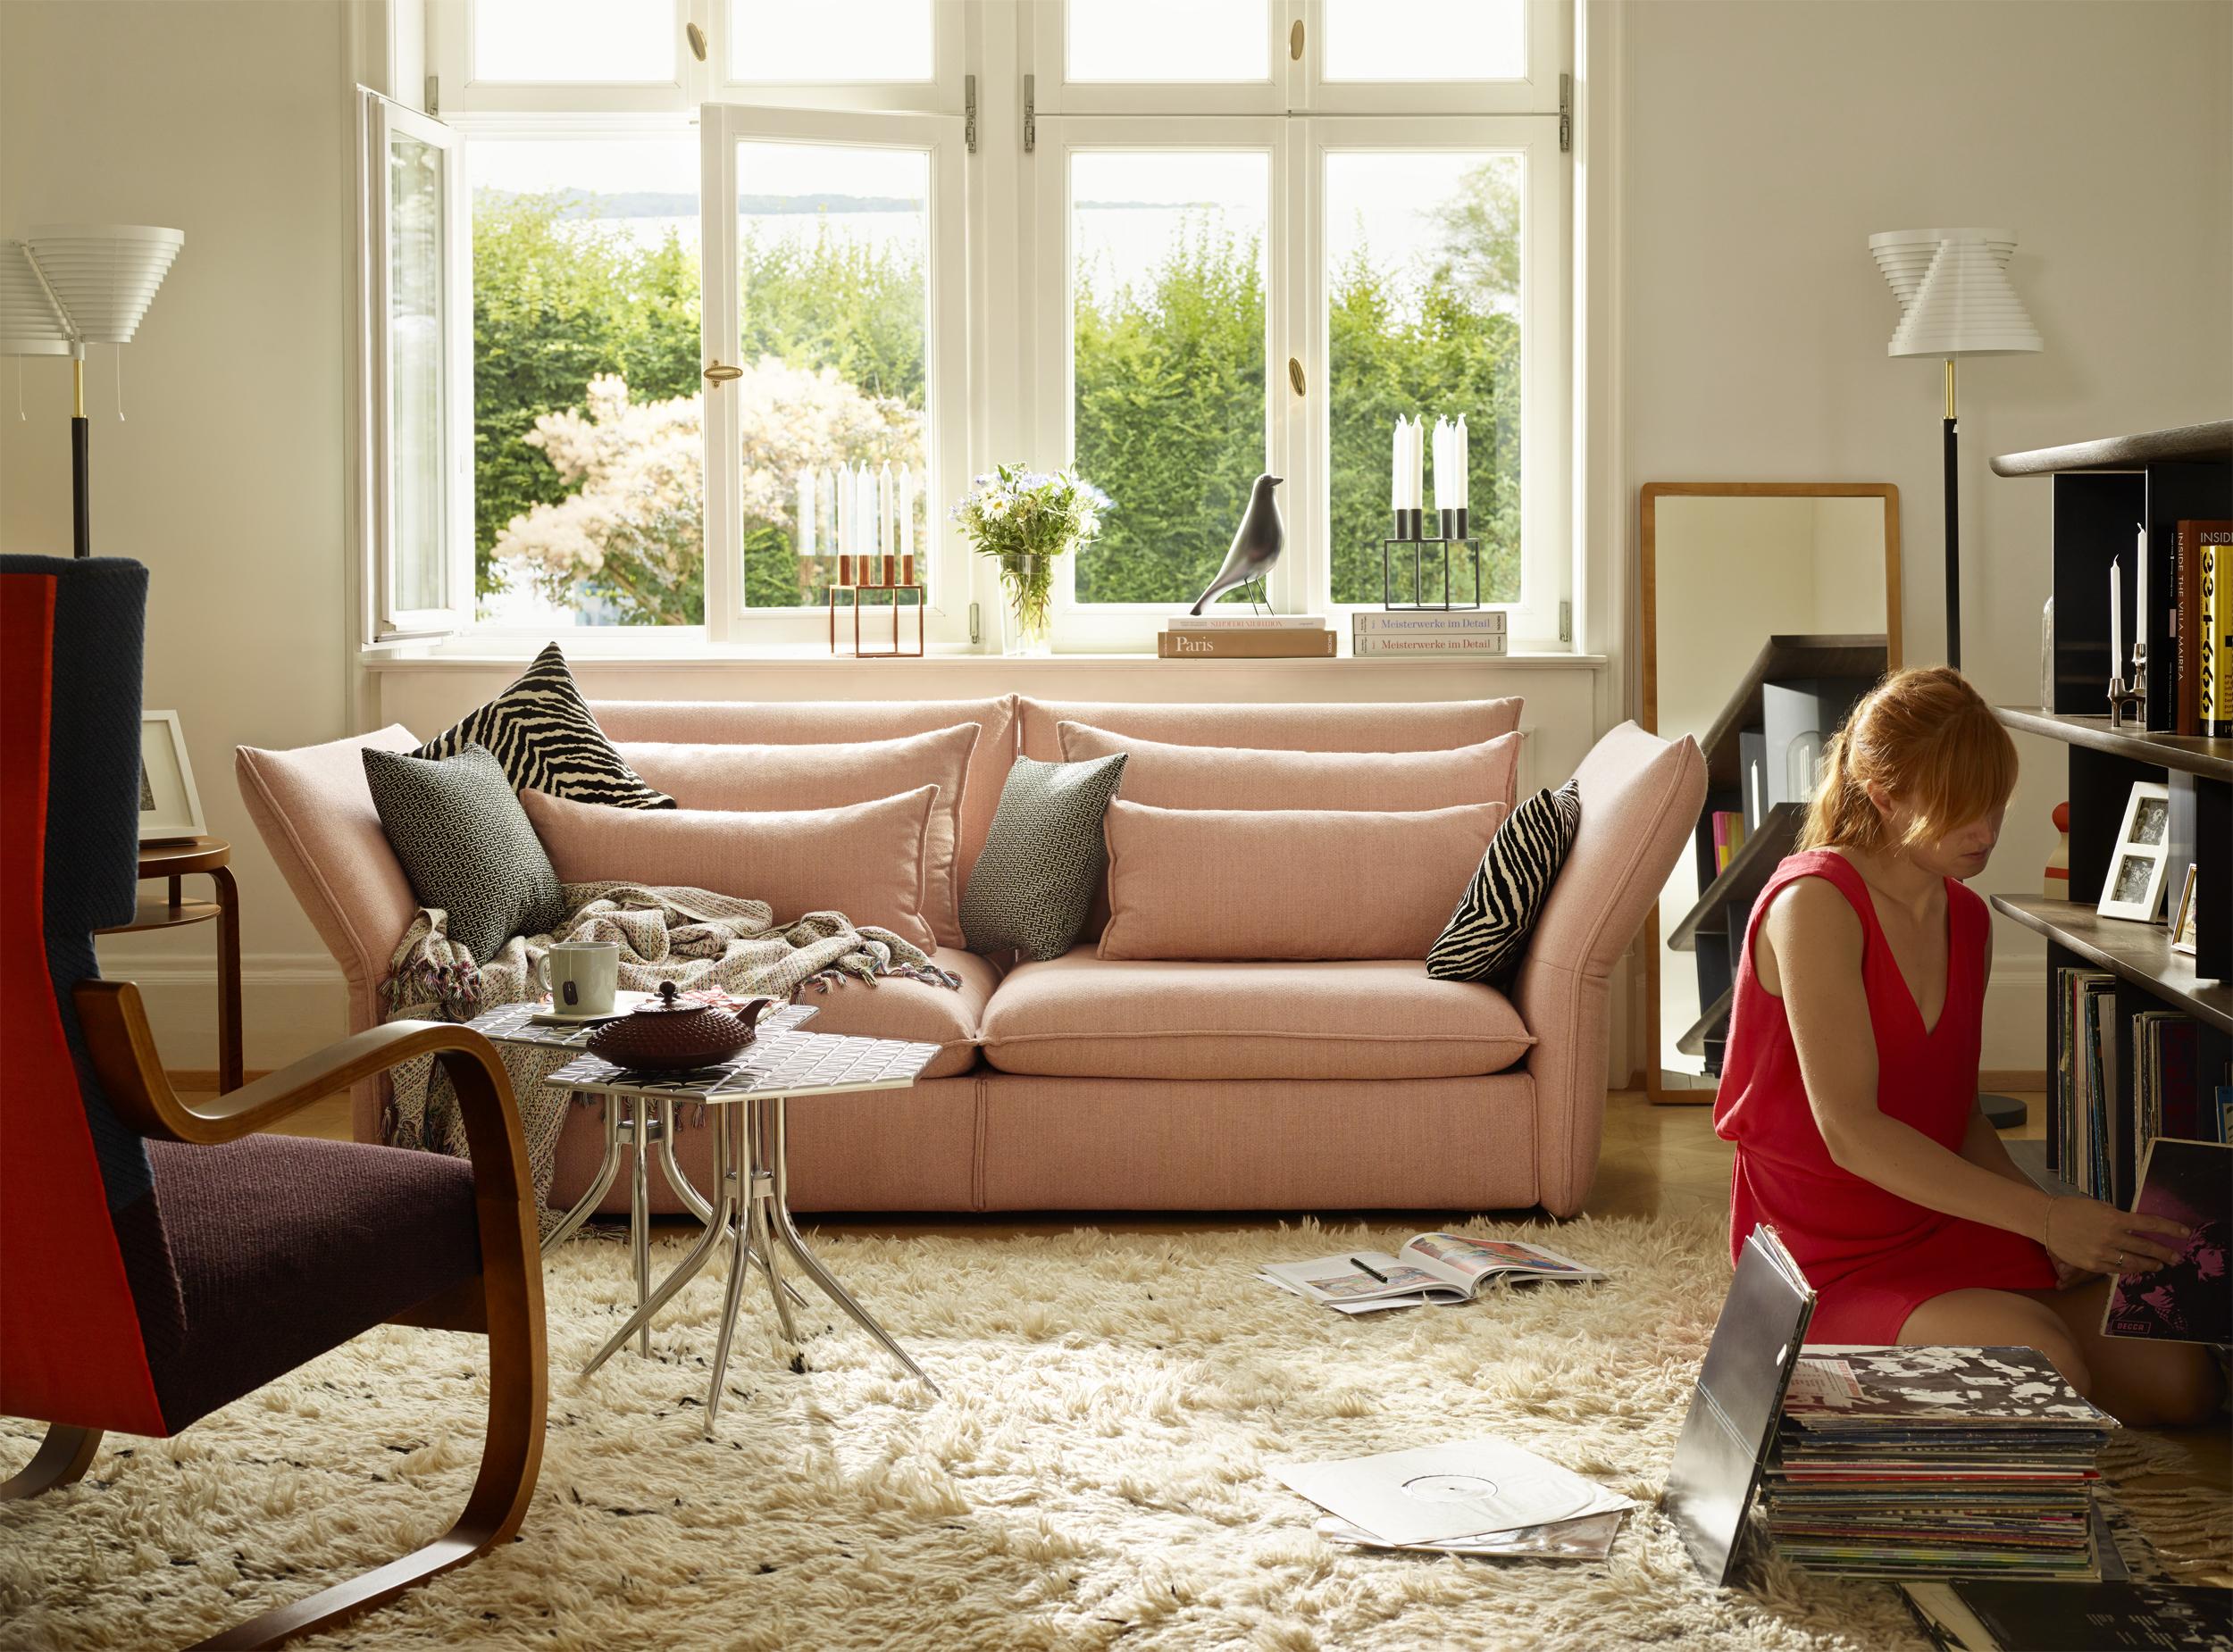 Hogar sofas - sofas y butacas